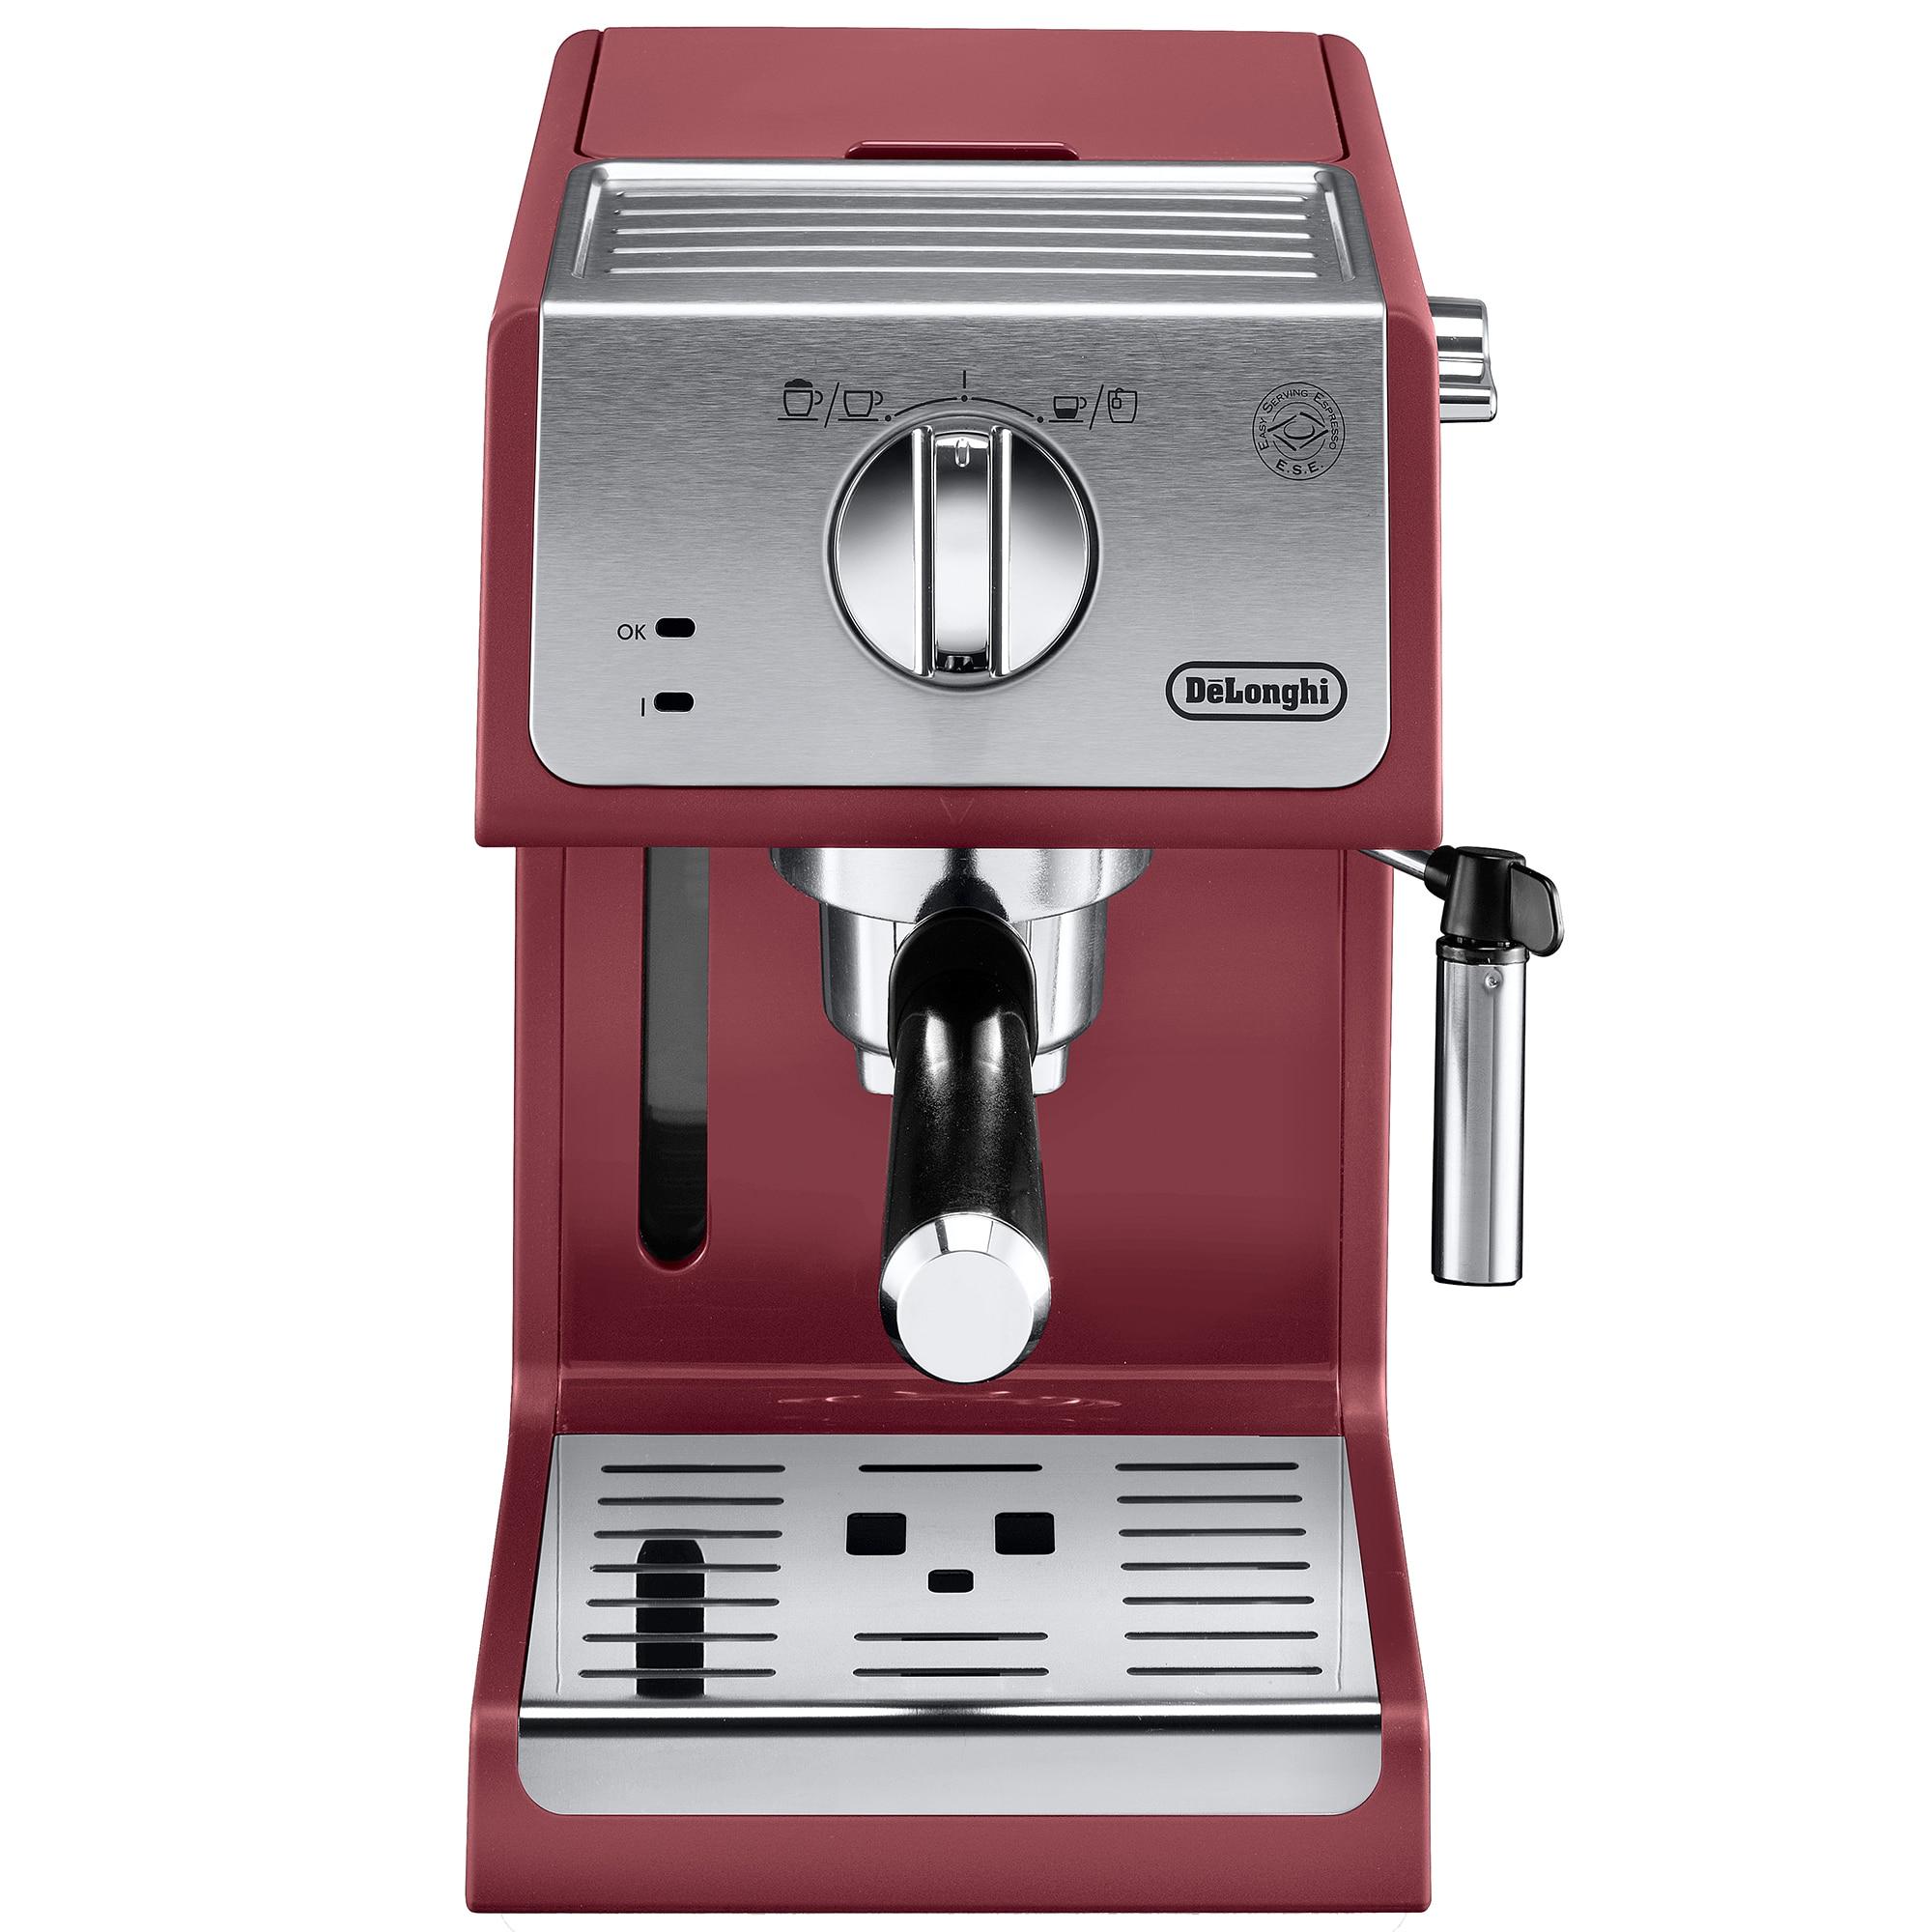 Fotografie Espressor manual DeLonghi Active line ECP33.21.R, 1100 W, 1.1 L, 15 bar, Sistem Cappuccino, Rosu